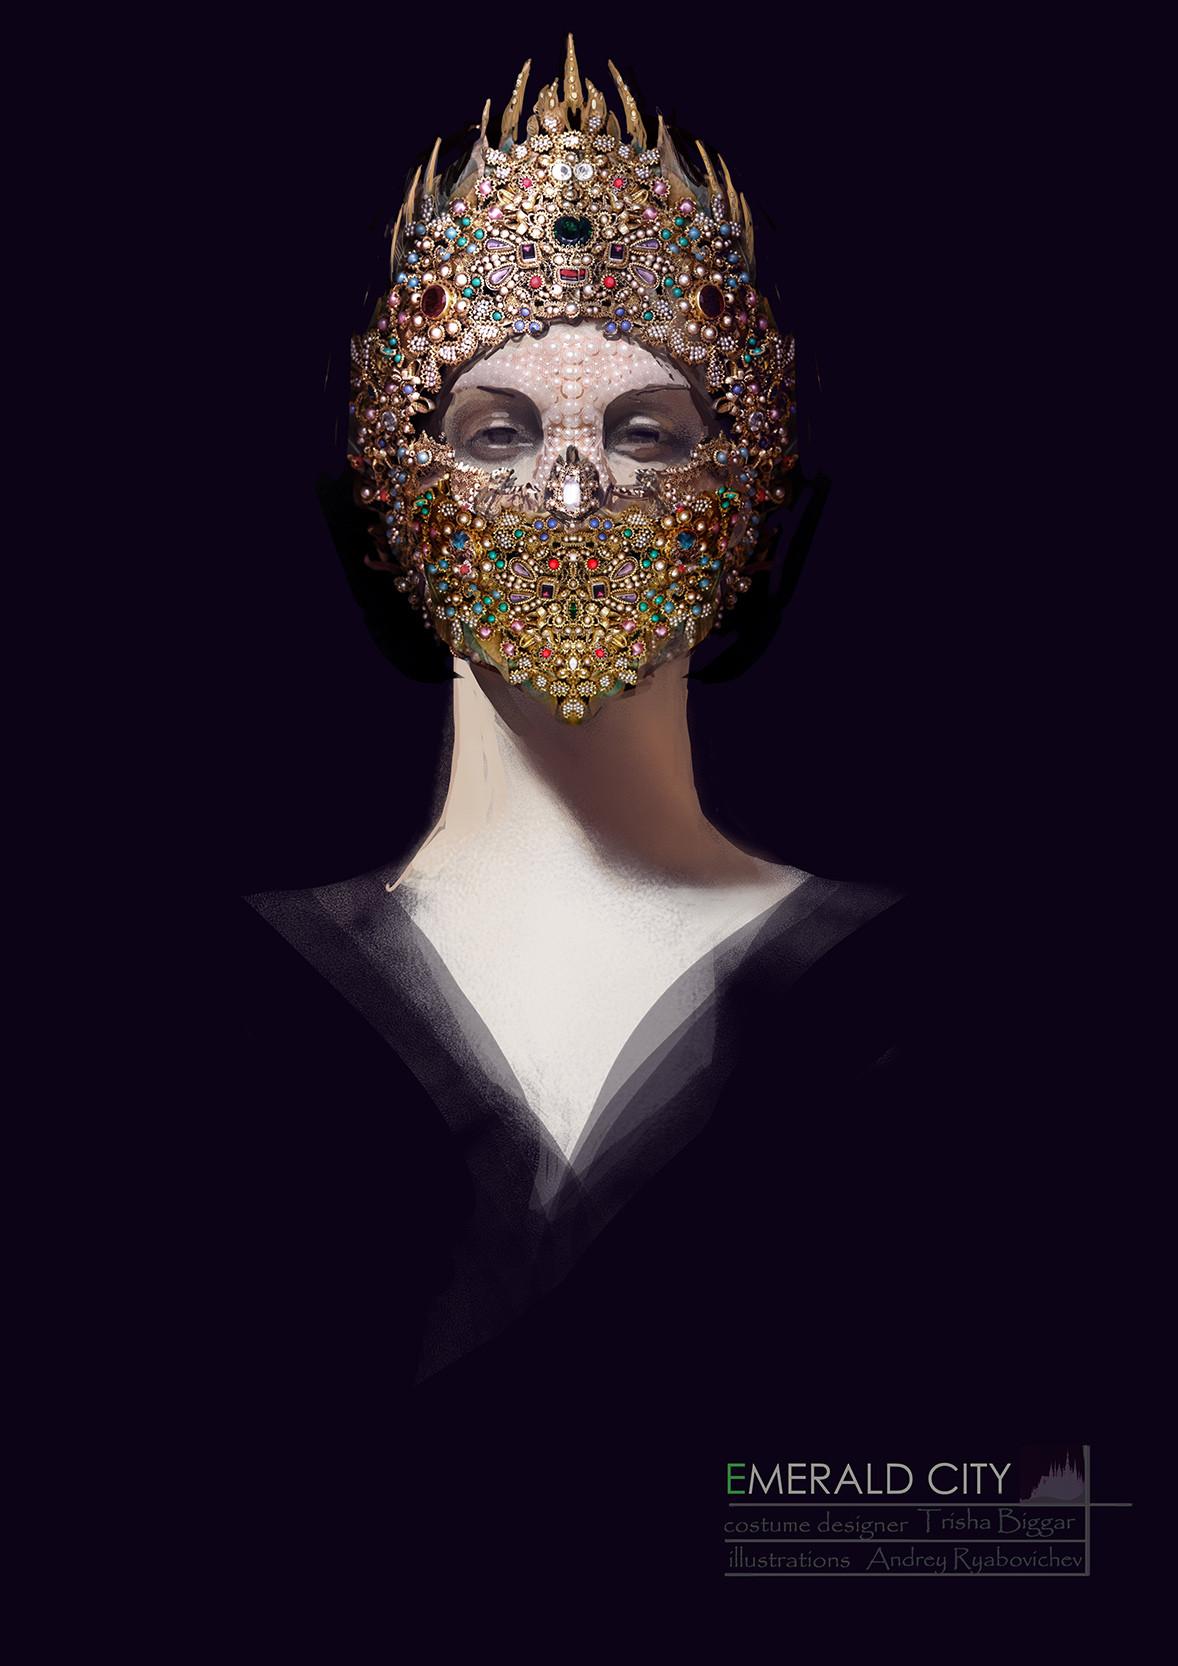 Andrei riabovitchev ec princess masks v002 301 ar